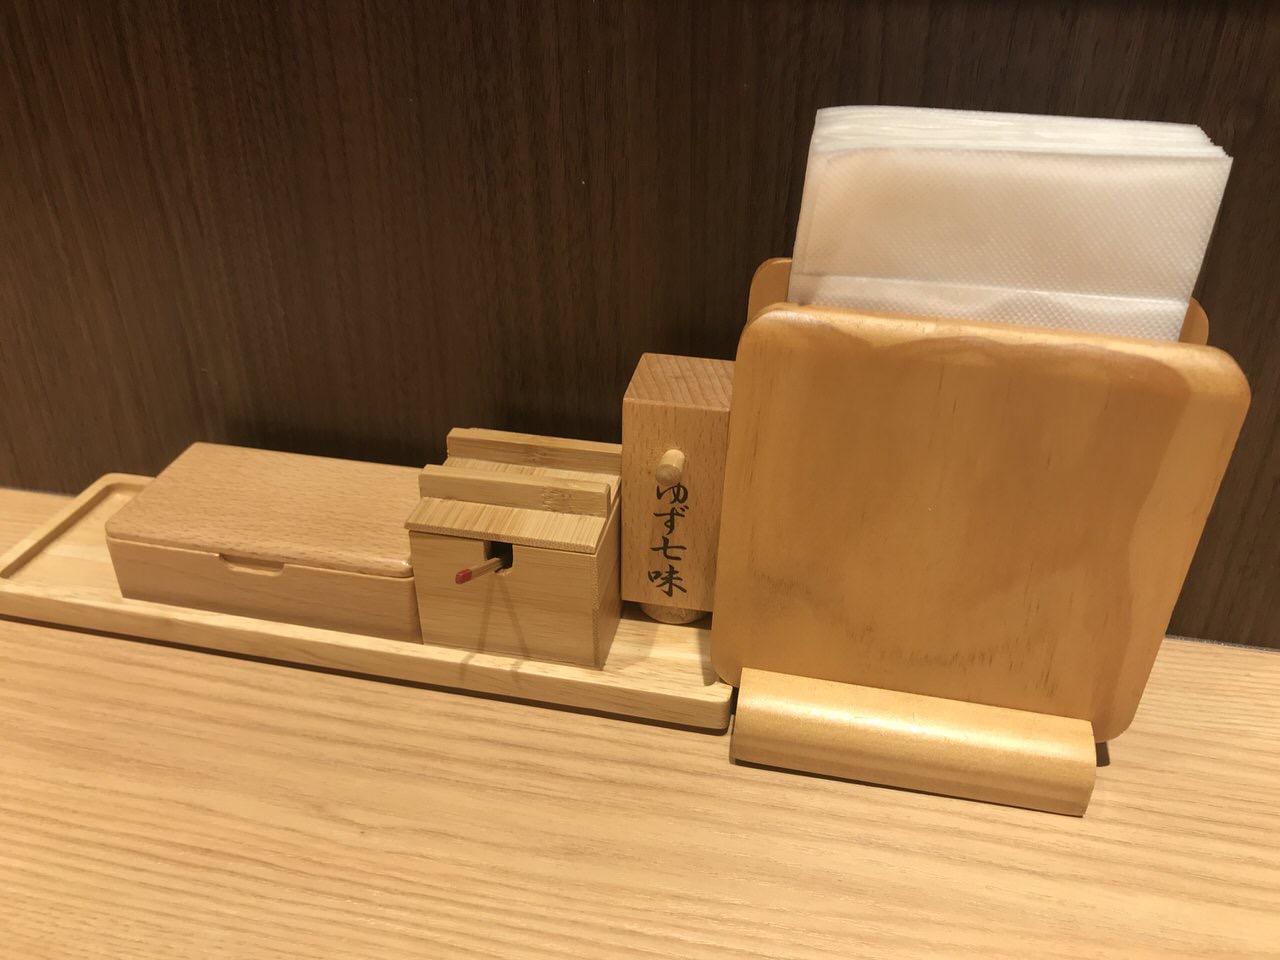 蕎麦きり みよた イオンモール与野店 2